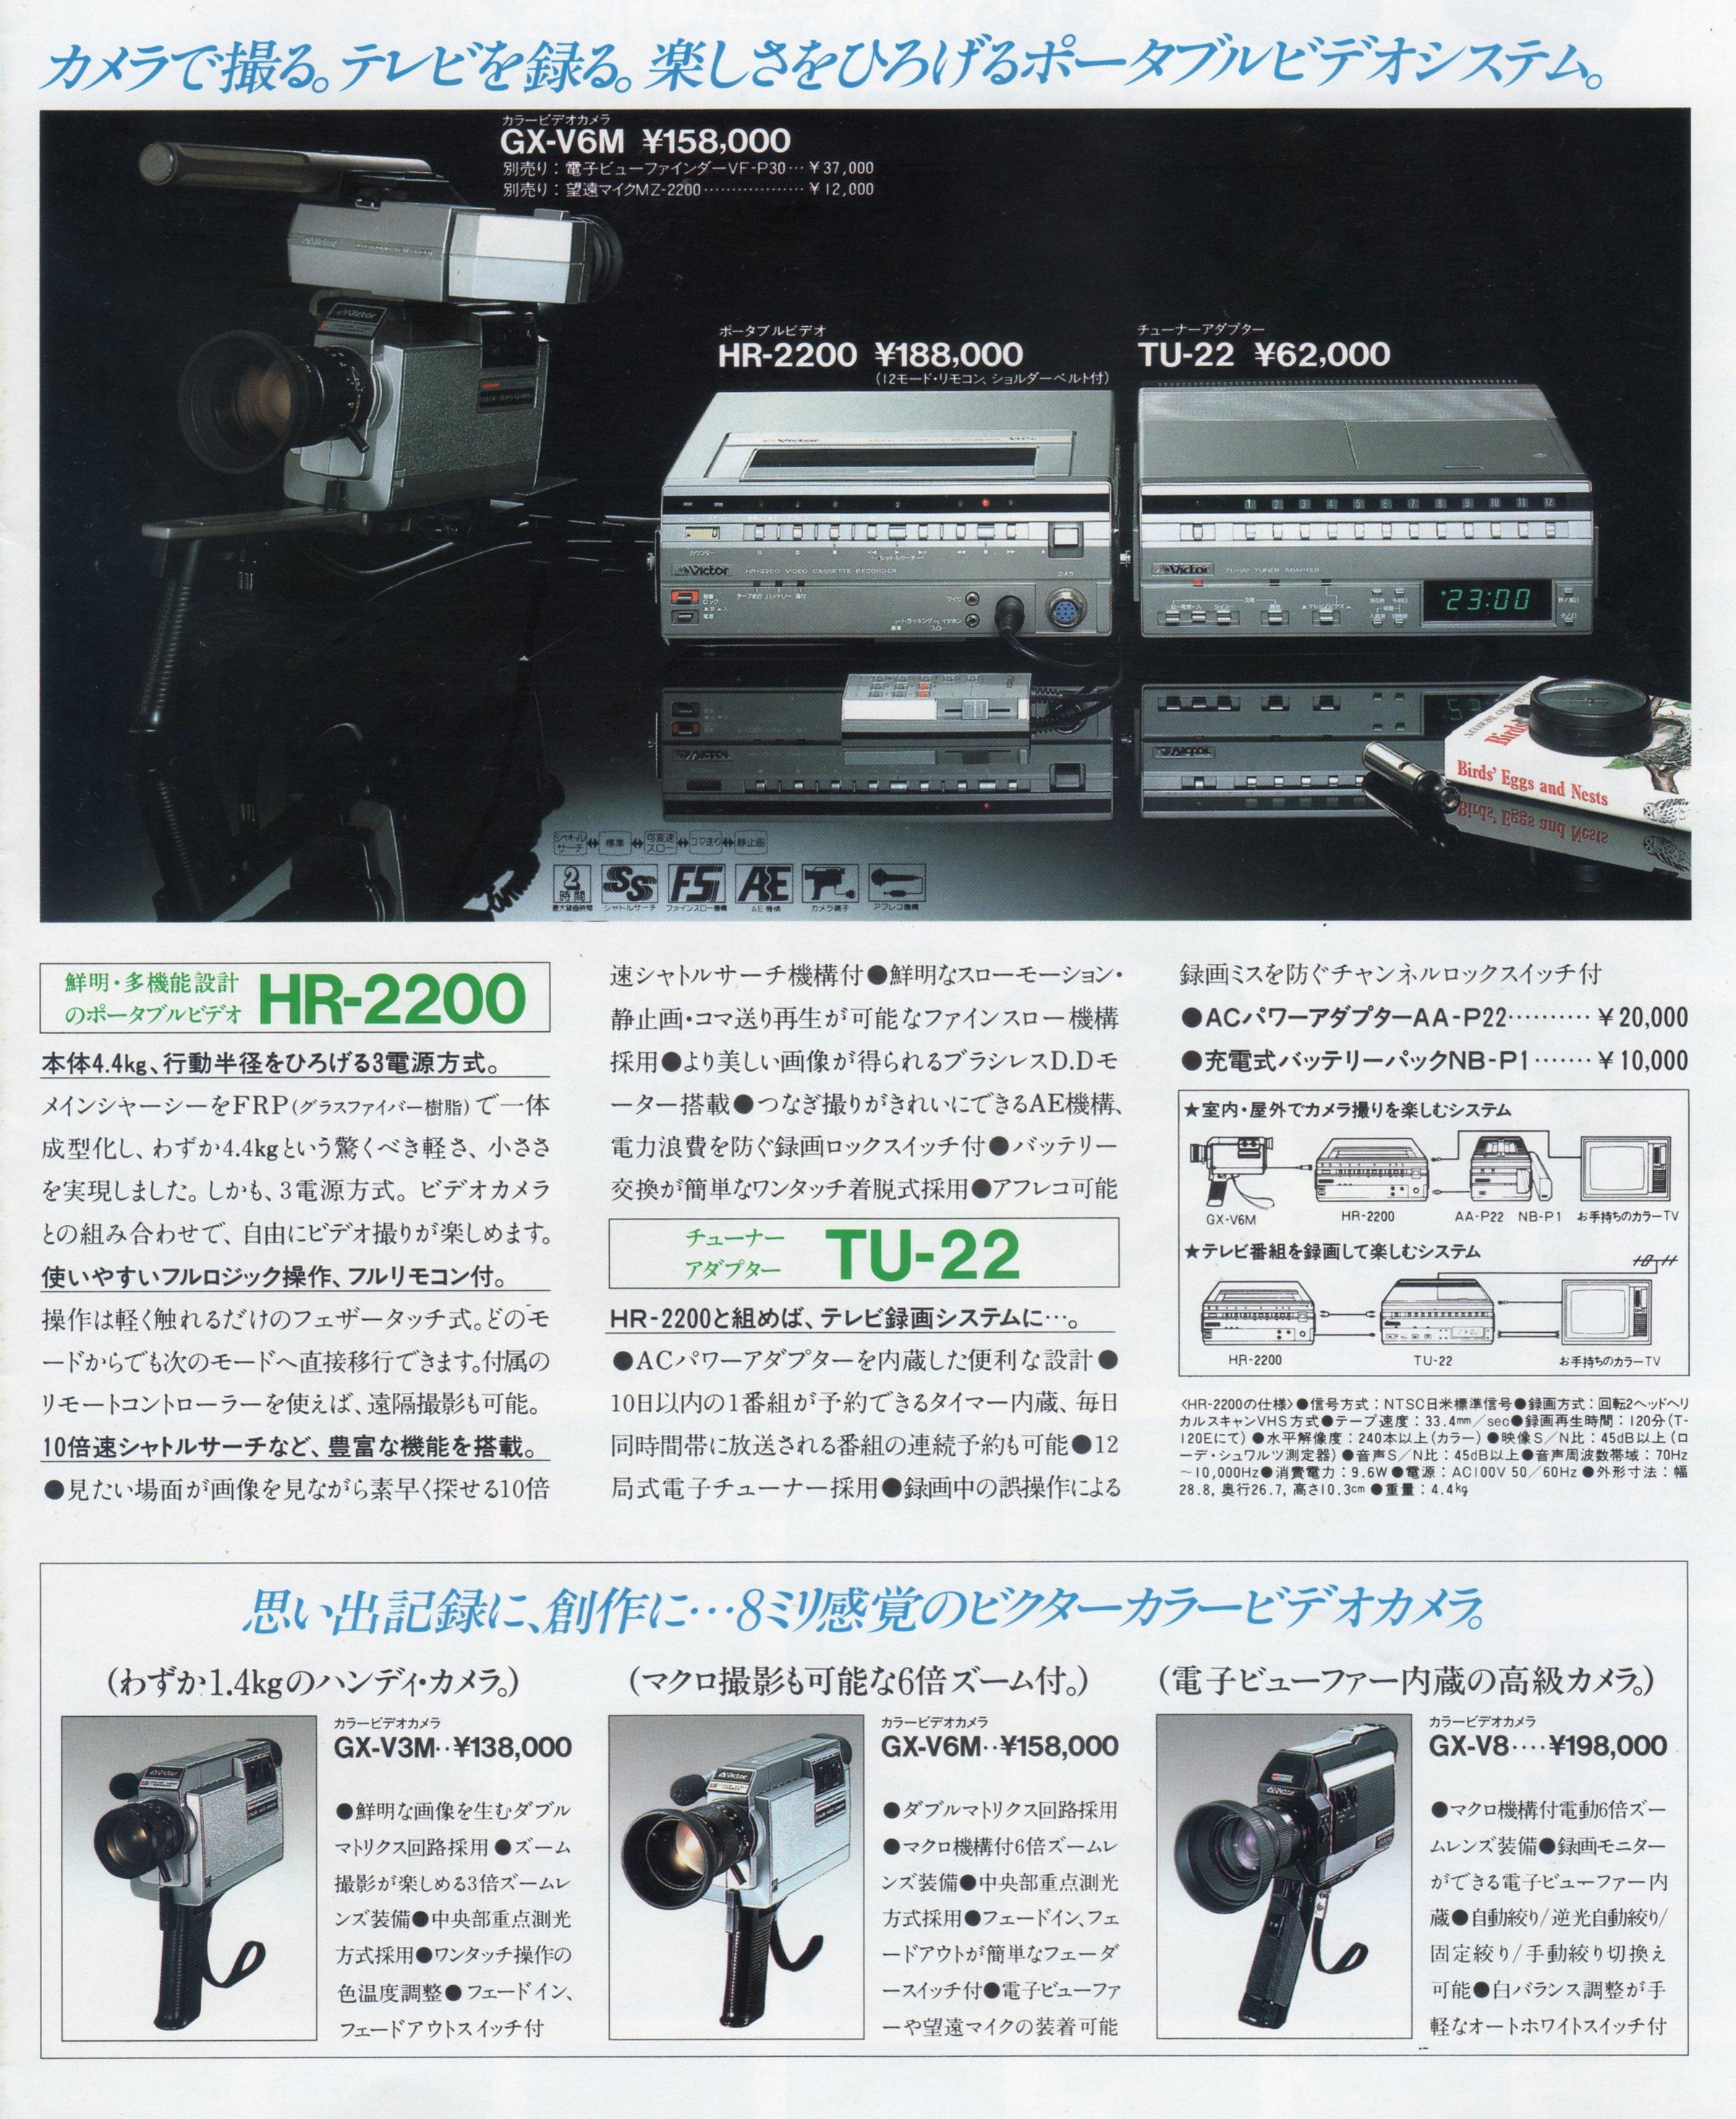 HR-2200_TU-22 カタログより